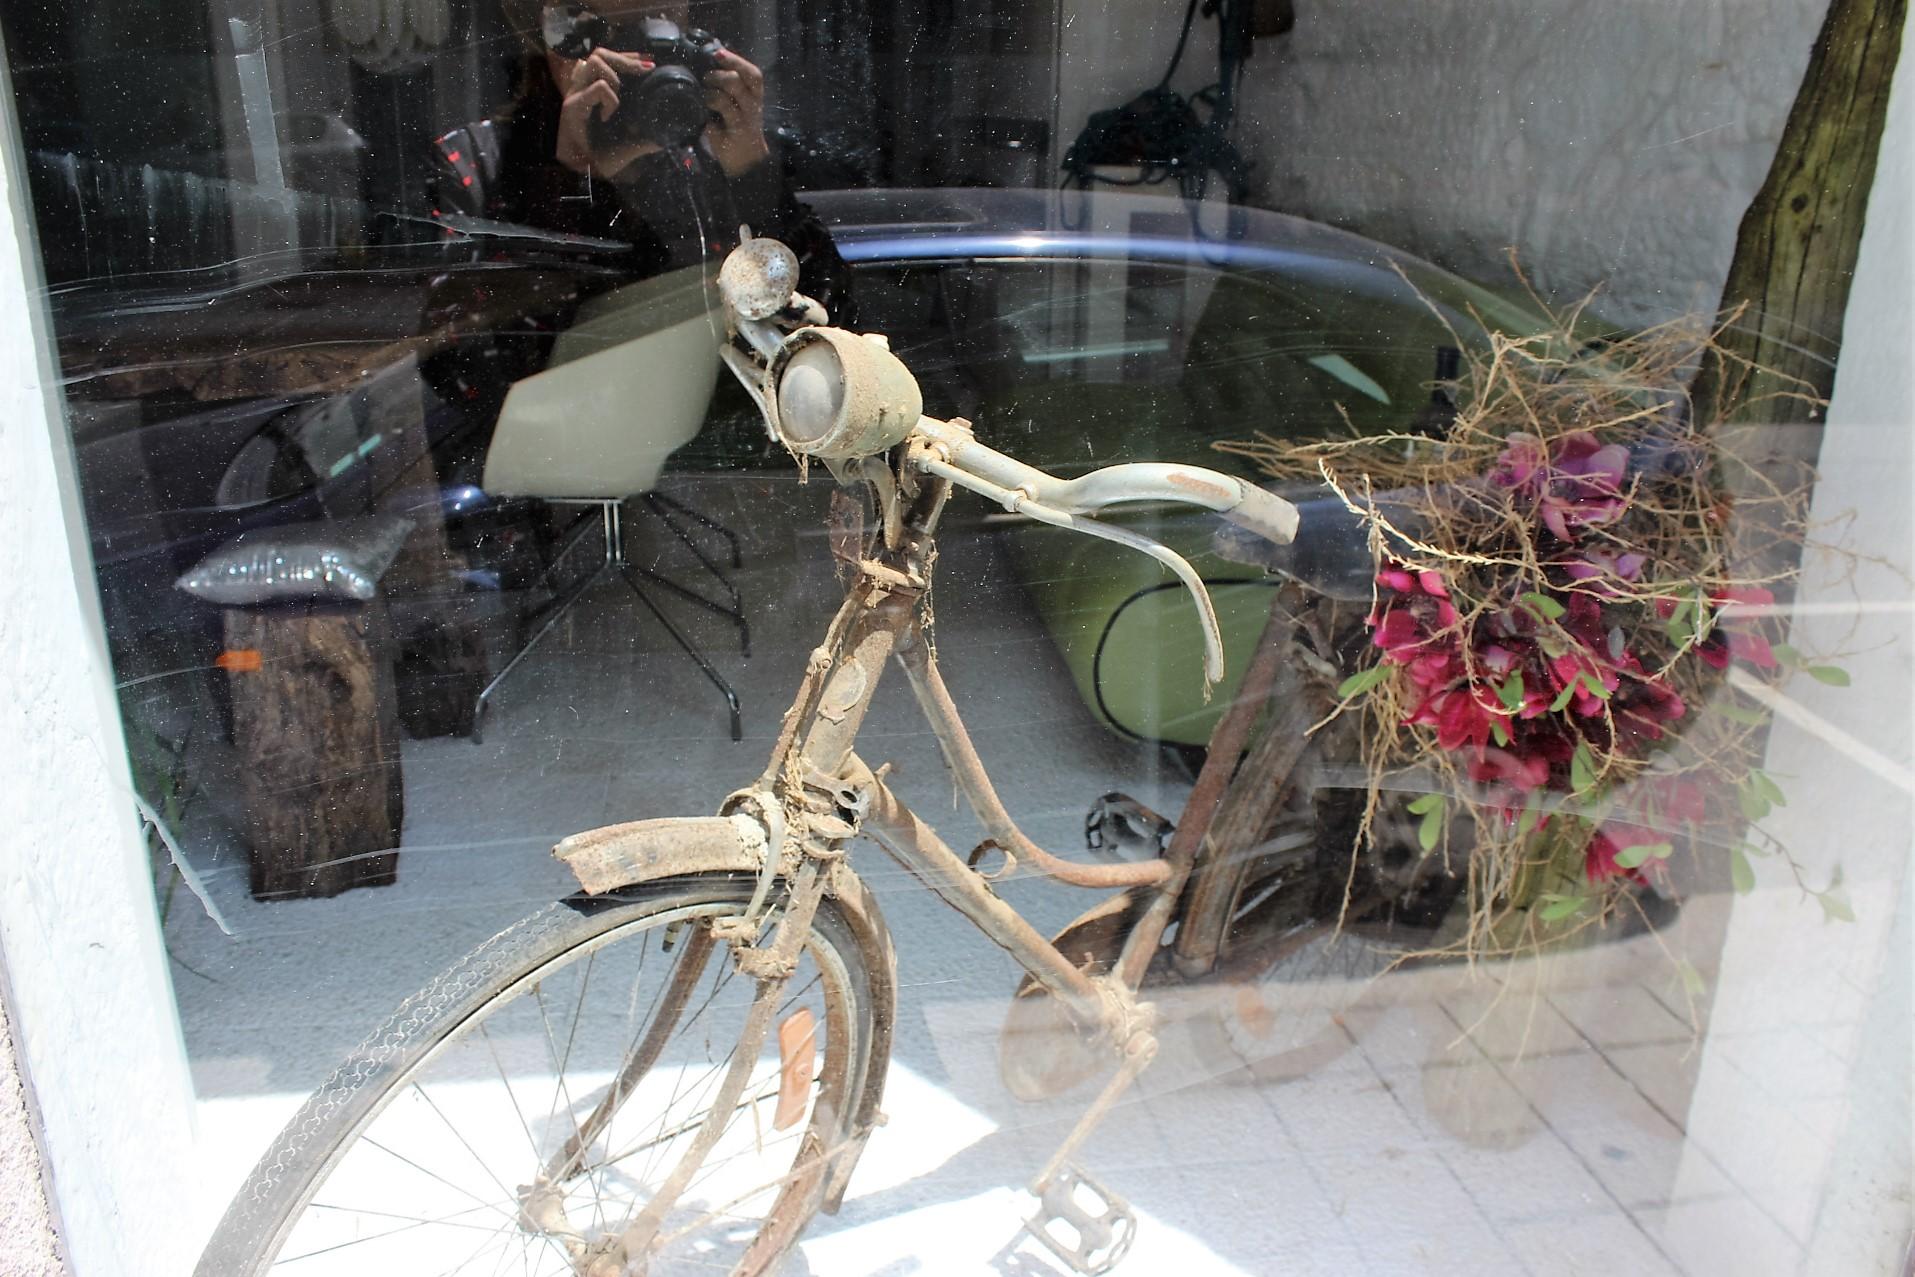 rostiges verstaubtes altes Fahrrad mit Blumen